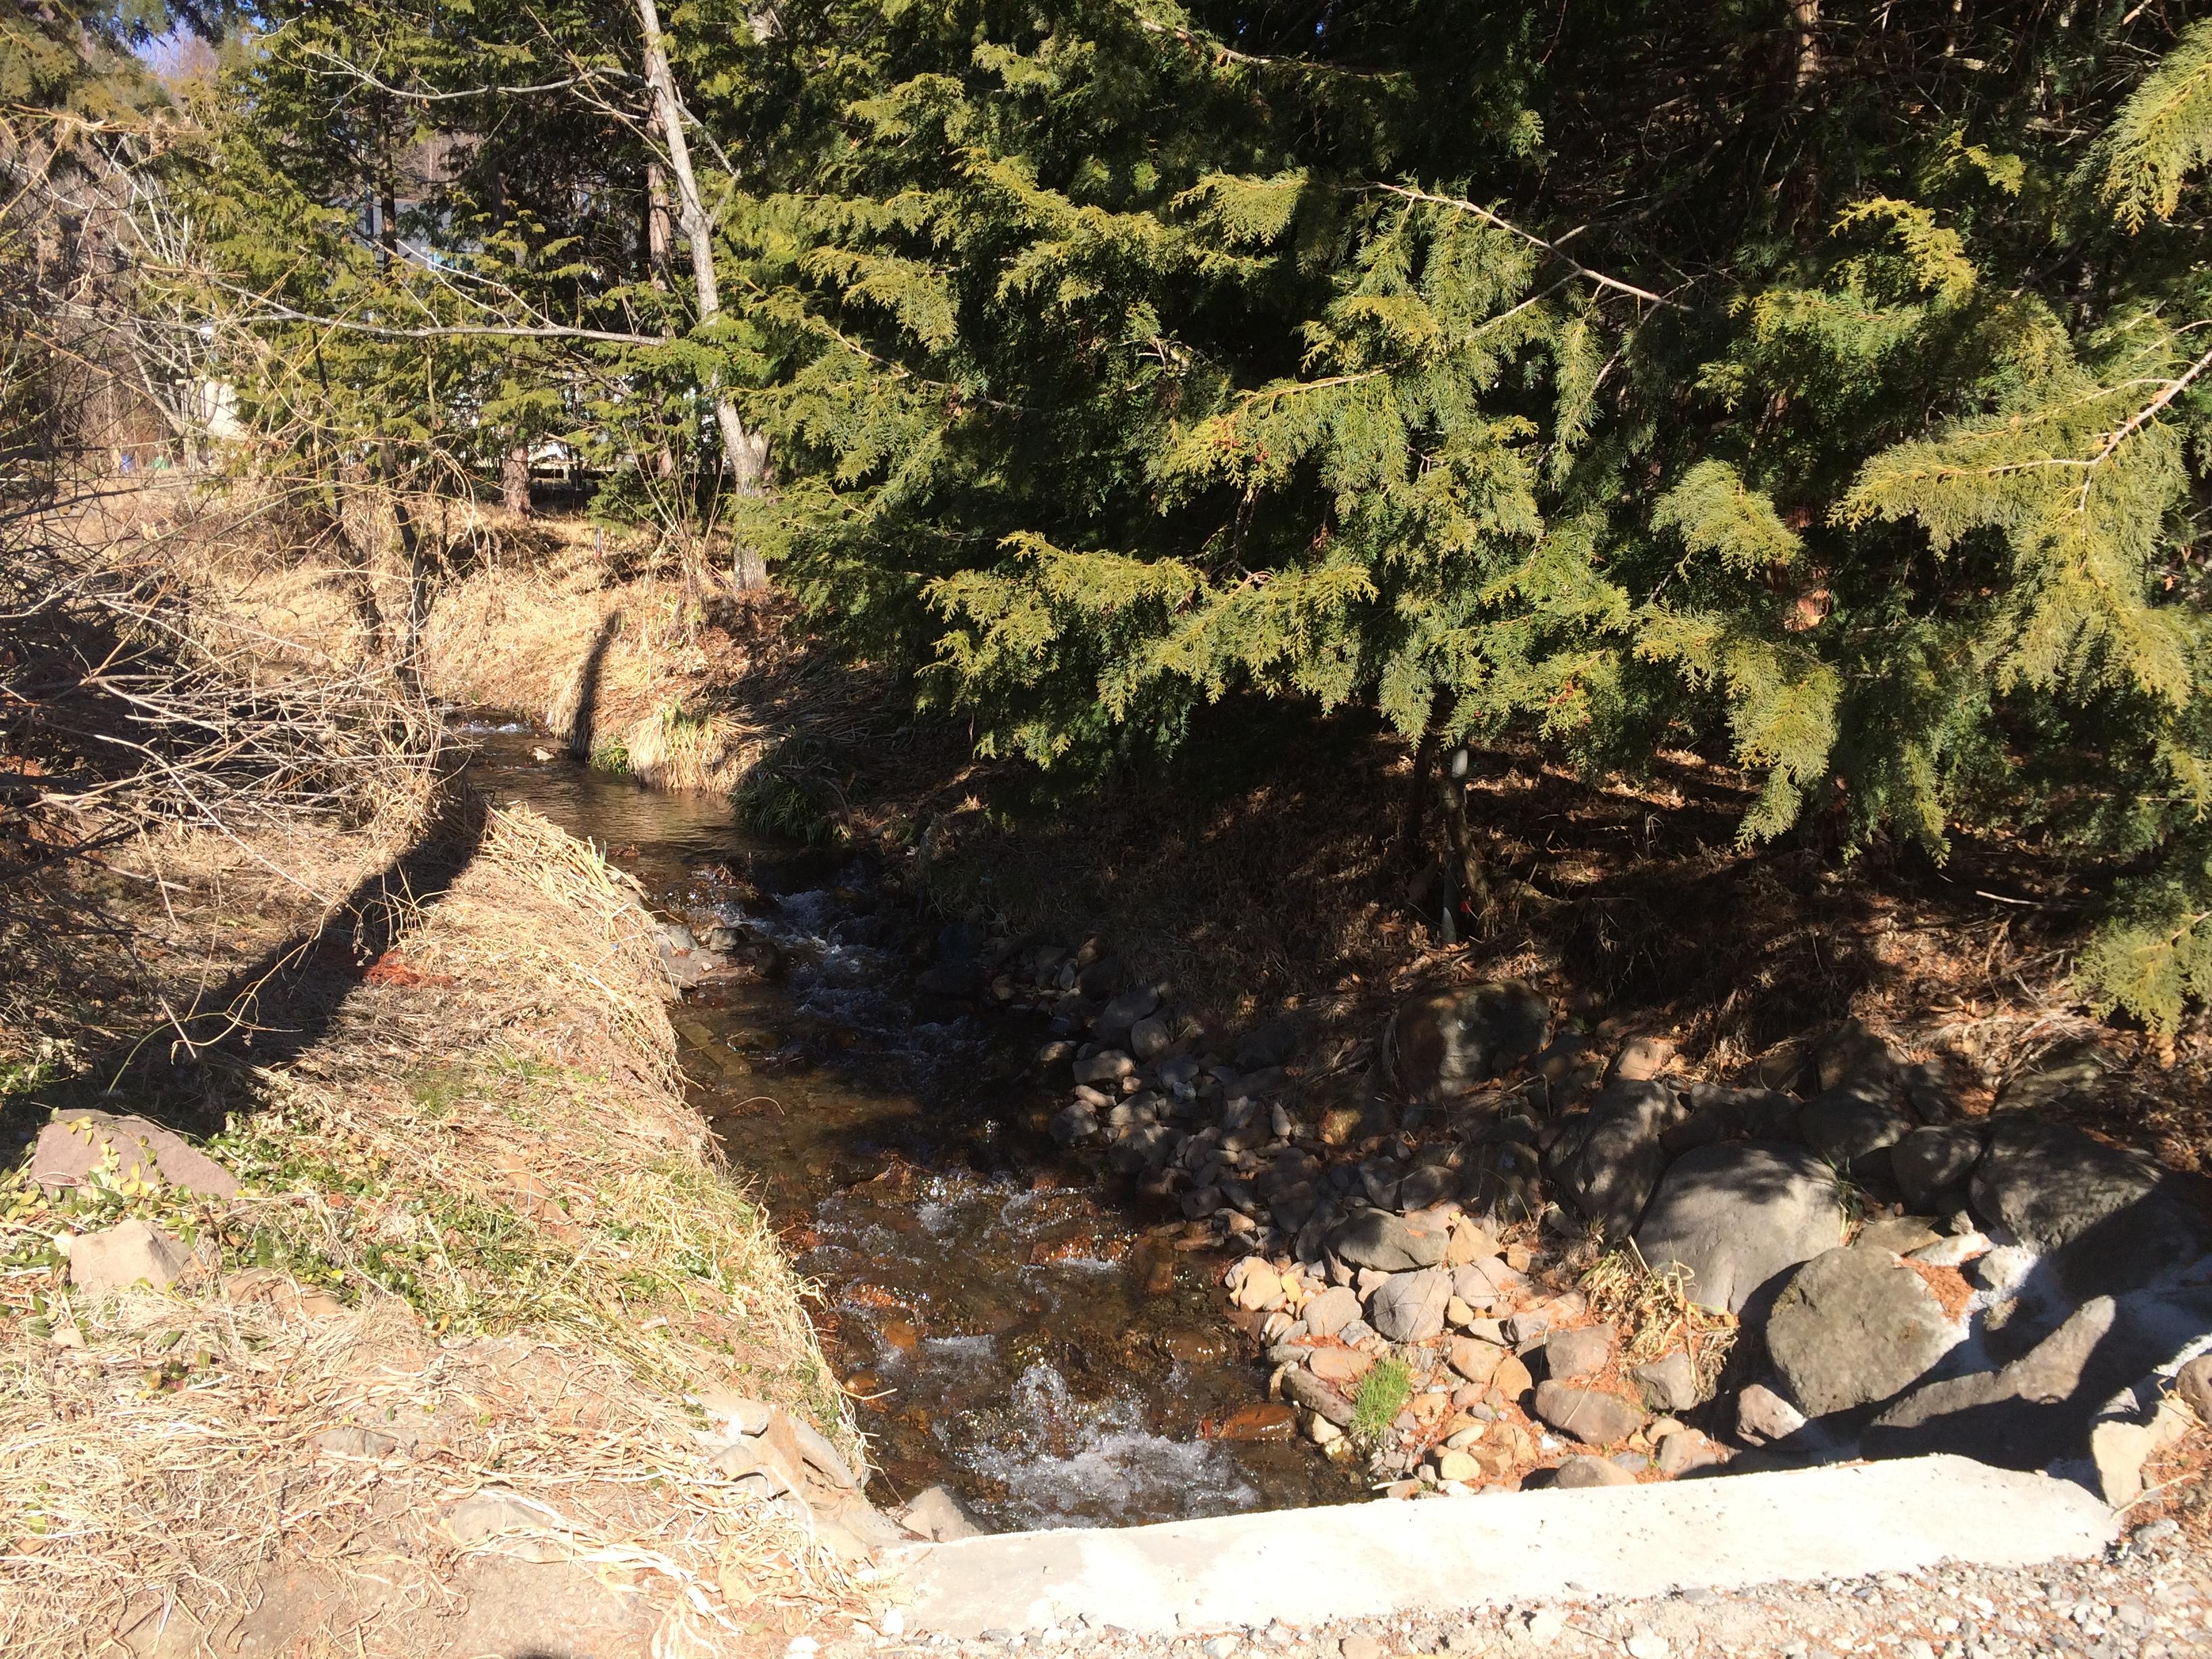 物件西側を流れる小川